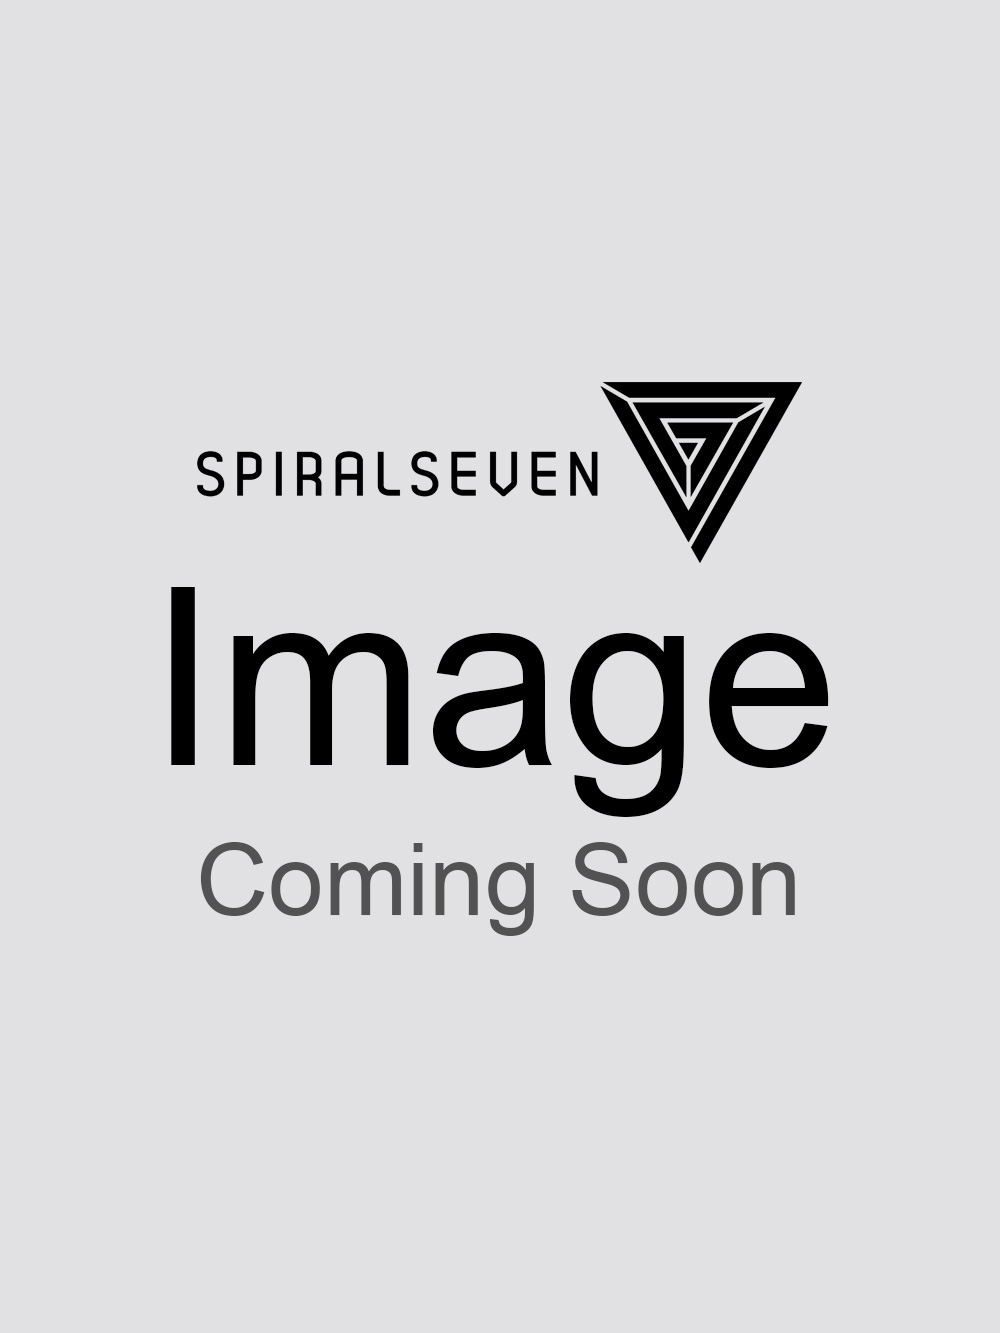 EA7 Emporio Armani Train U Mini Pouch Bag - Black/White